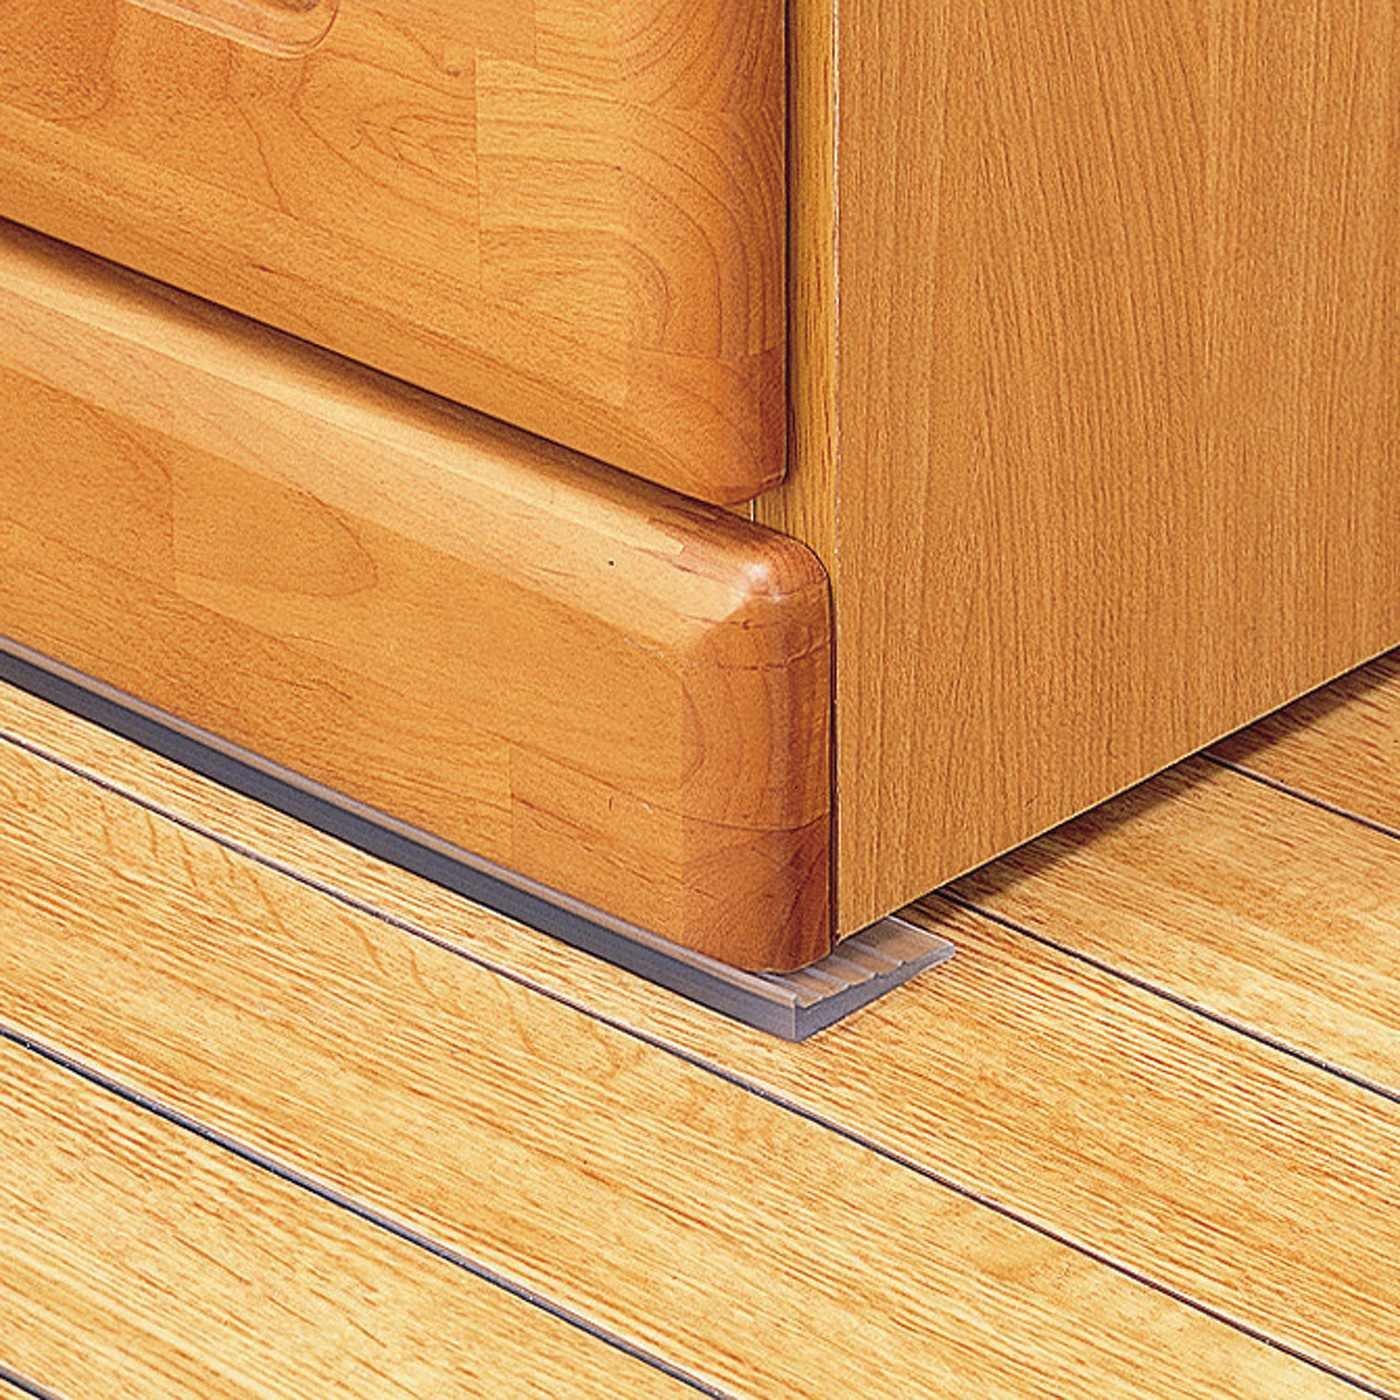 家具の下に挟み込むだけ 転倒防止ストッパー〈90cm〉